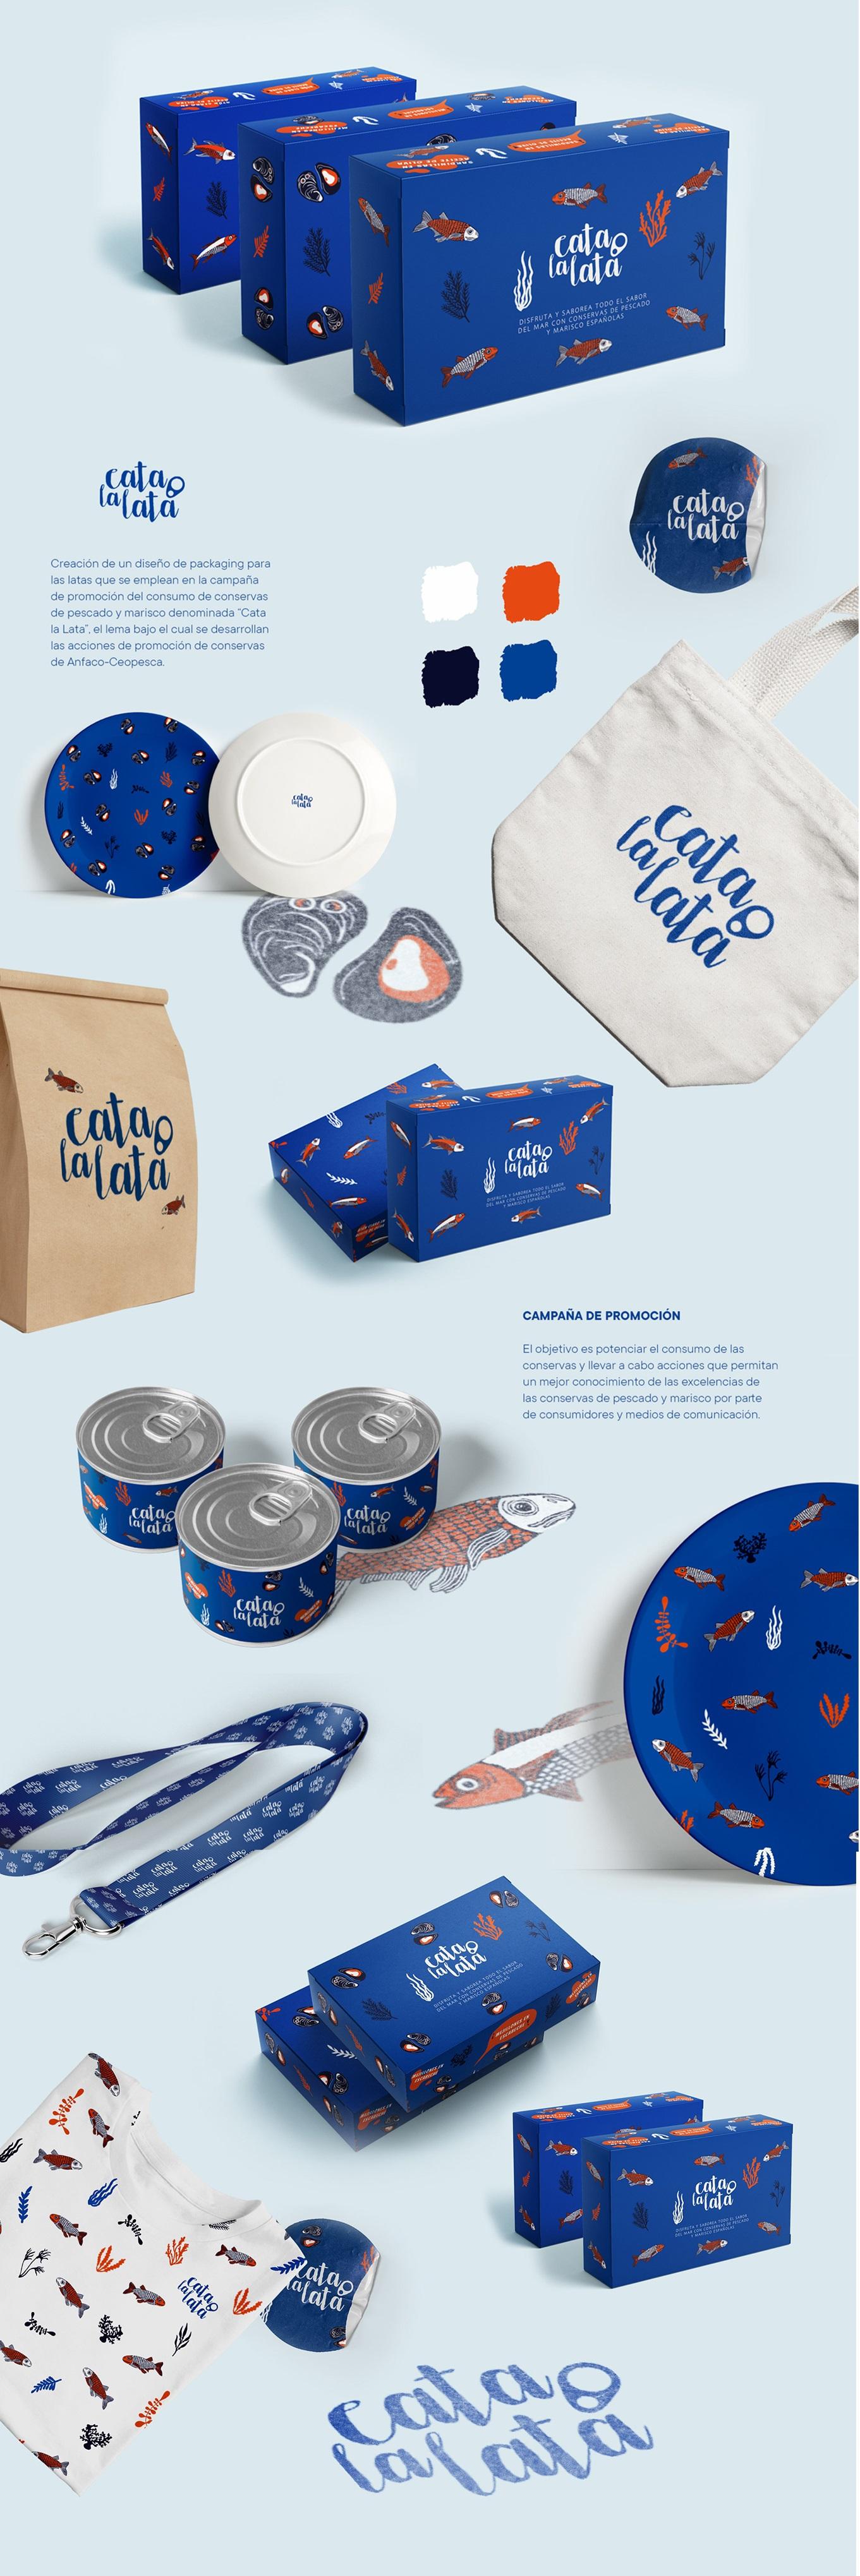 Cata la lata by Andrea Guerra - Creative Work